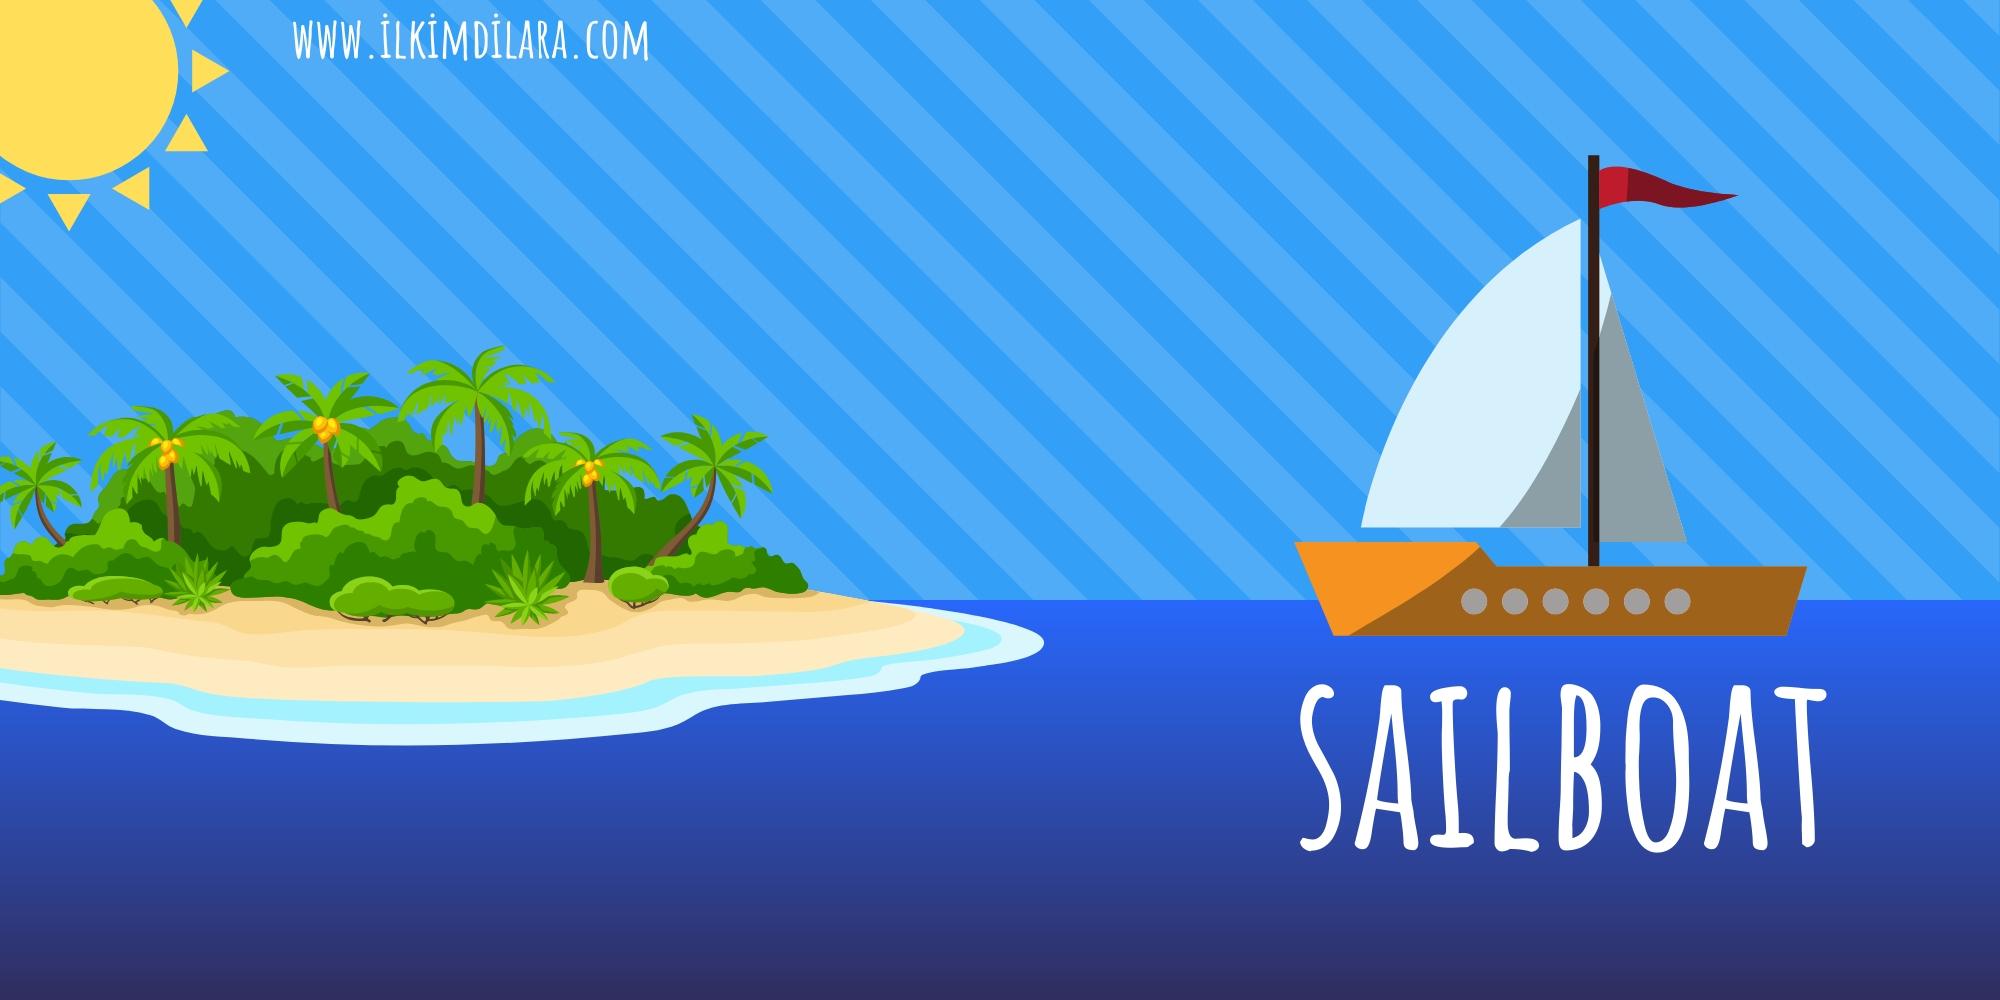 Sailtboat